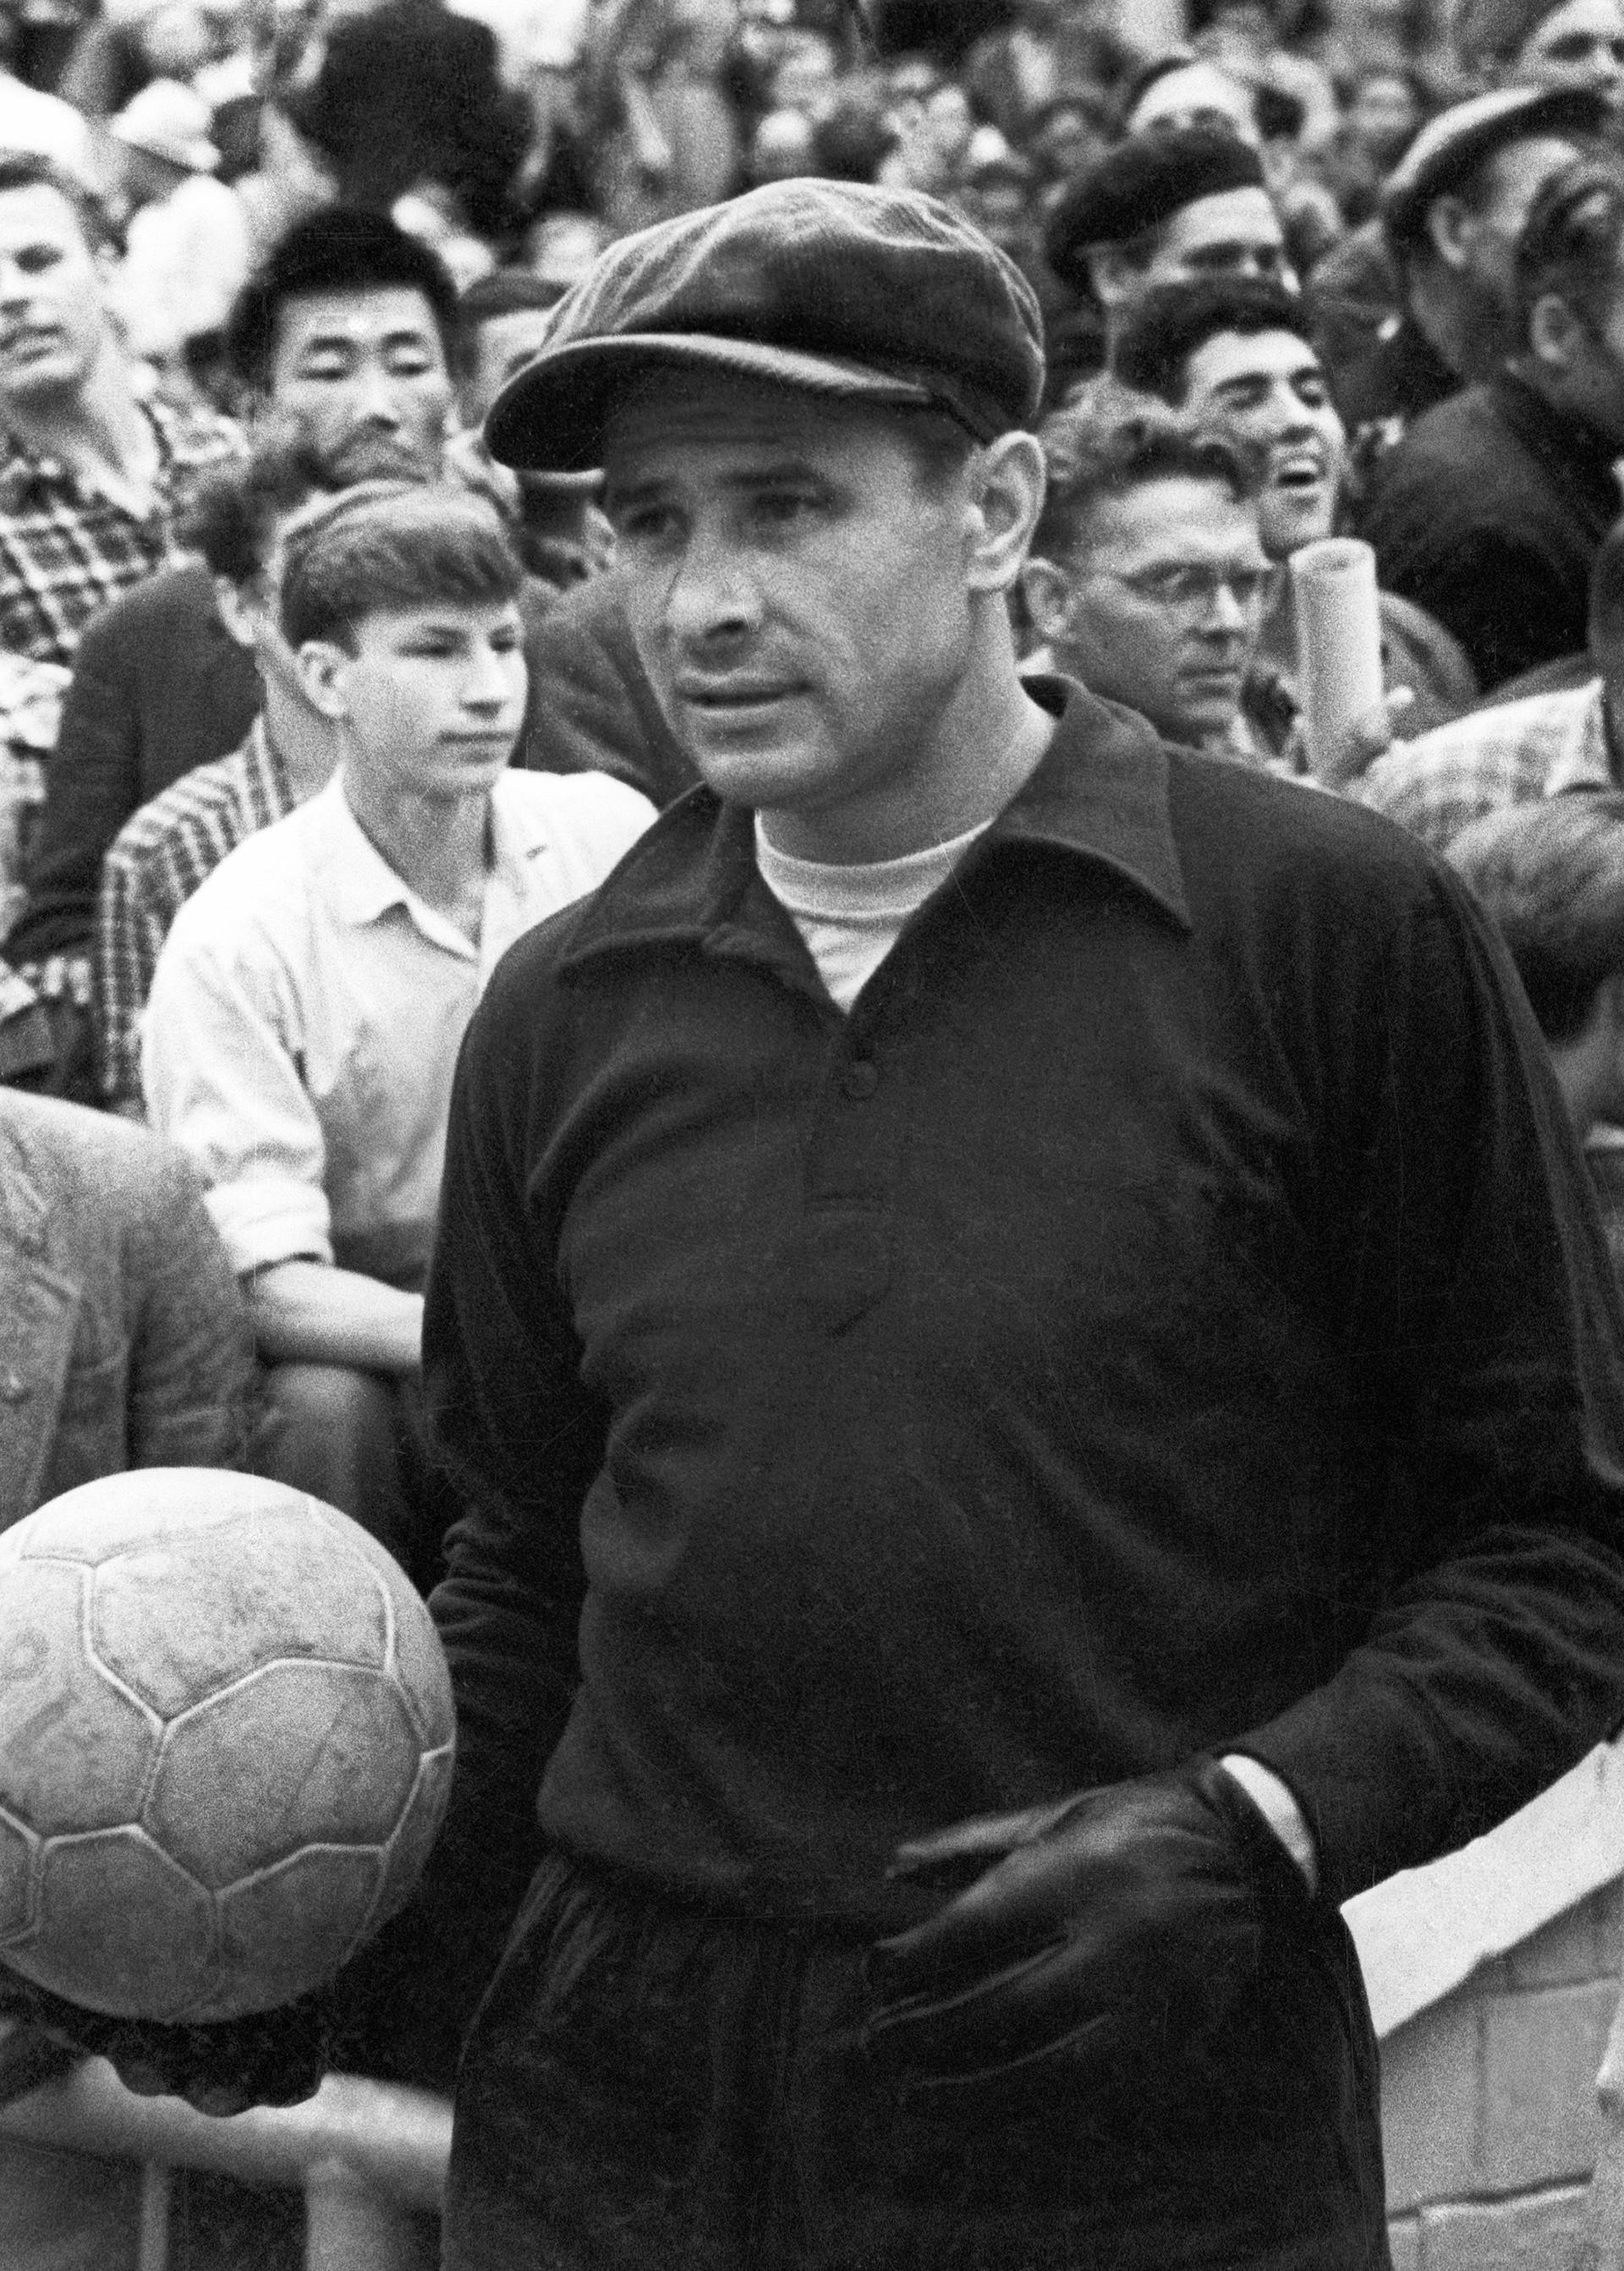 Dengan topi dan pakaian gelapnya, Yashin adalah pemain yang sangat modis di era Soviet.